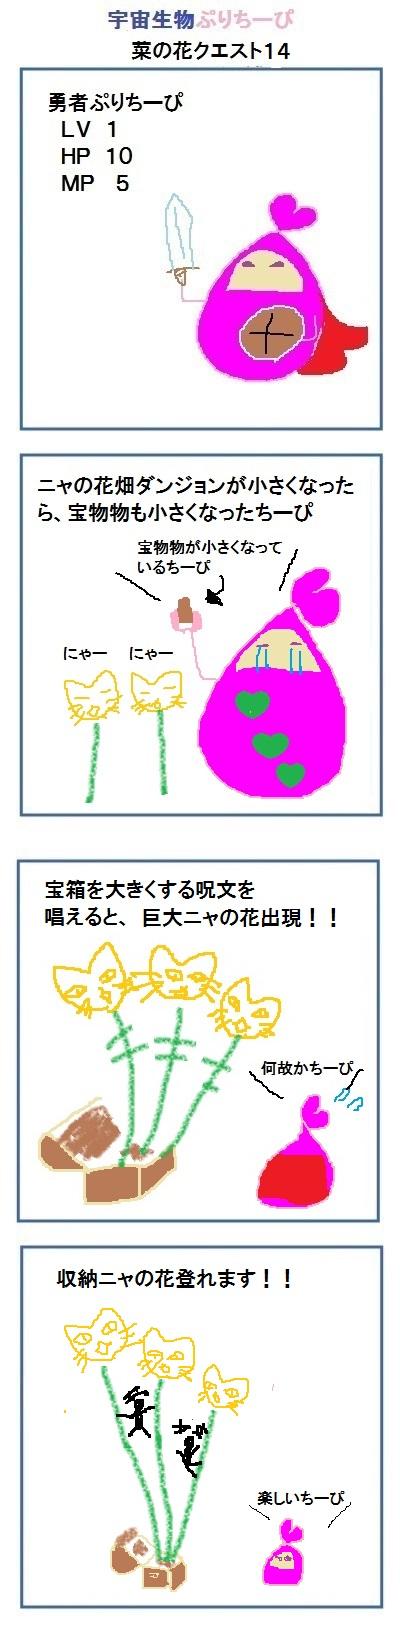 160327菜の花14